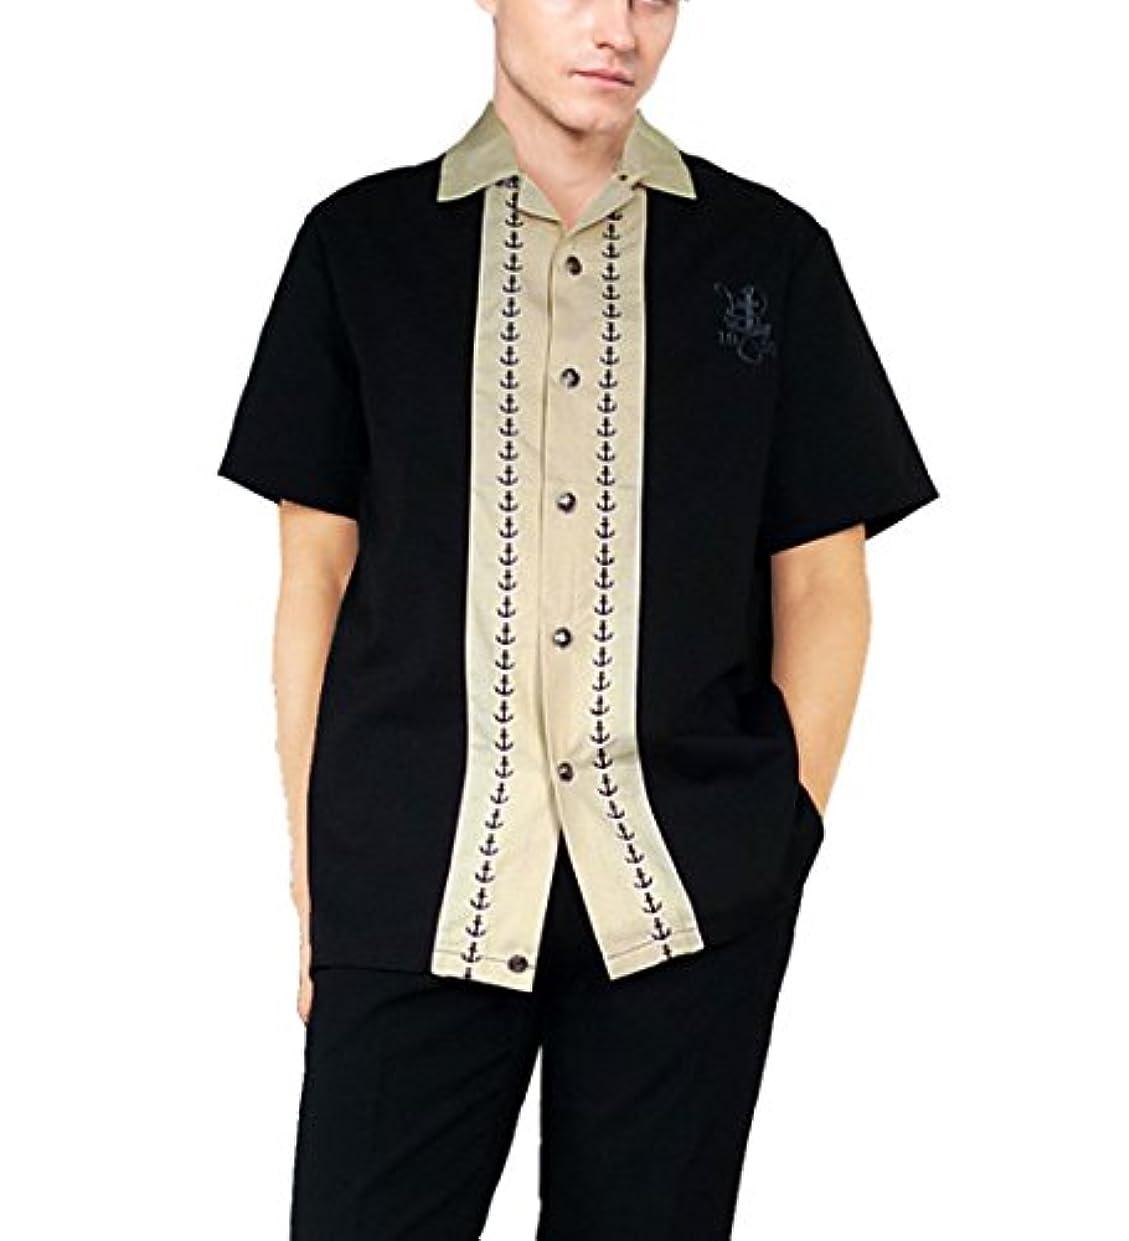 磁気フライカイト指RUMBLE59 ボウリングシャツ 碇刺繍 ボーリングシャツ ホワイト 開襟シャツ オープンカラー 半袖 メンズ ロカビリー